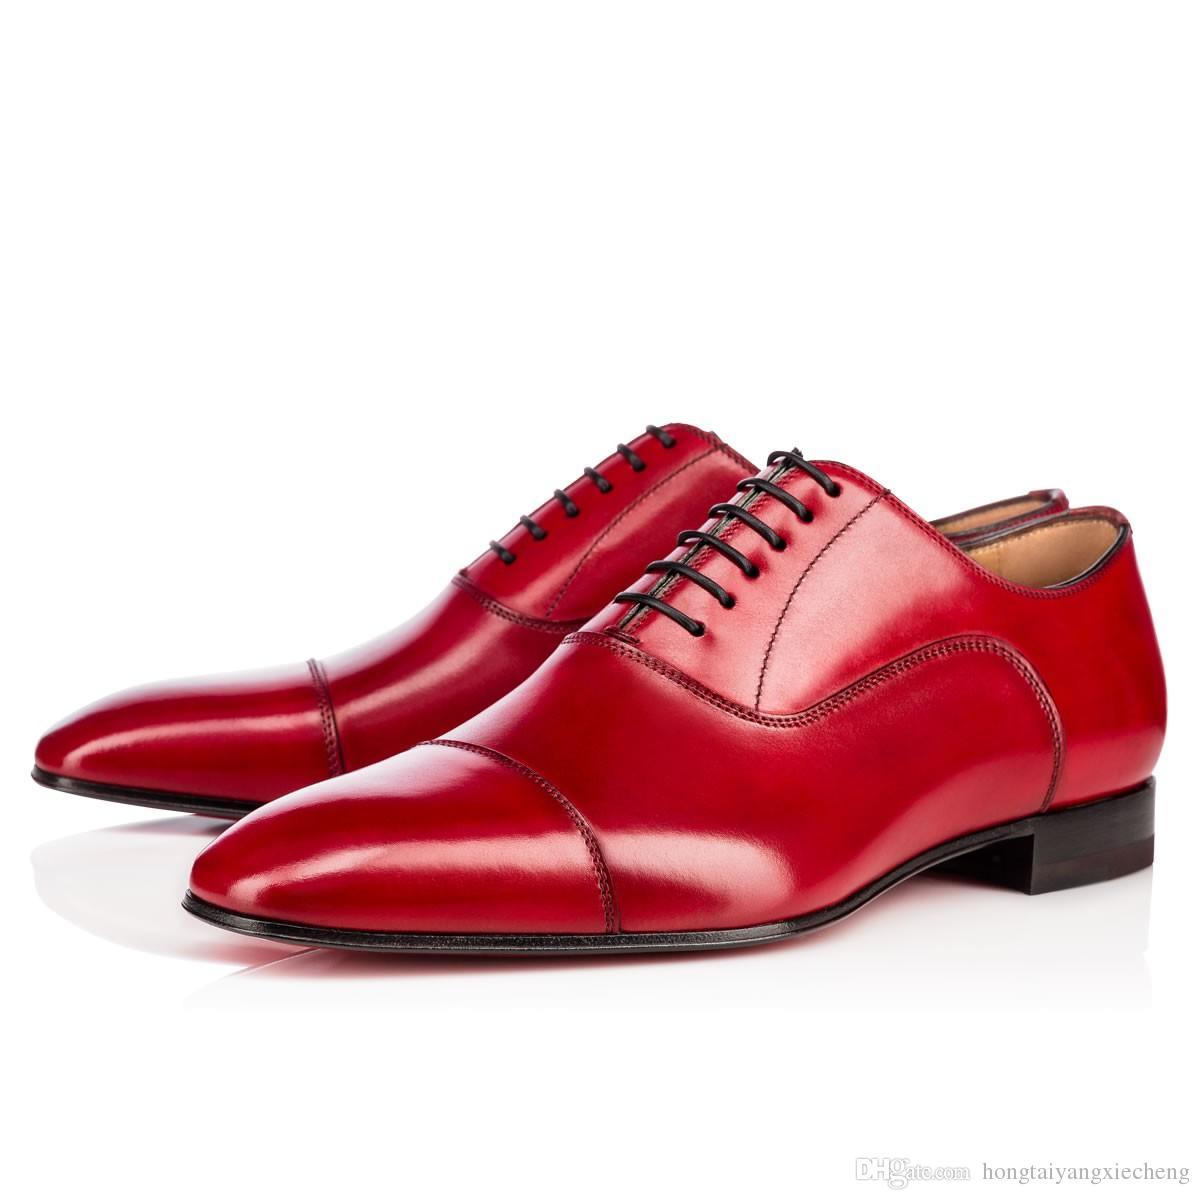 Nuovo modo caldo pattini inferiori rossi Greggo Orlato Ballerine Oxford del cuoio genuino delle donne Mens Walking Appartamenti festa di nozze fannulloni 38-47